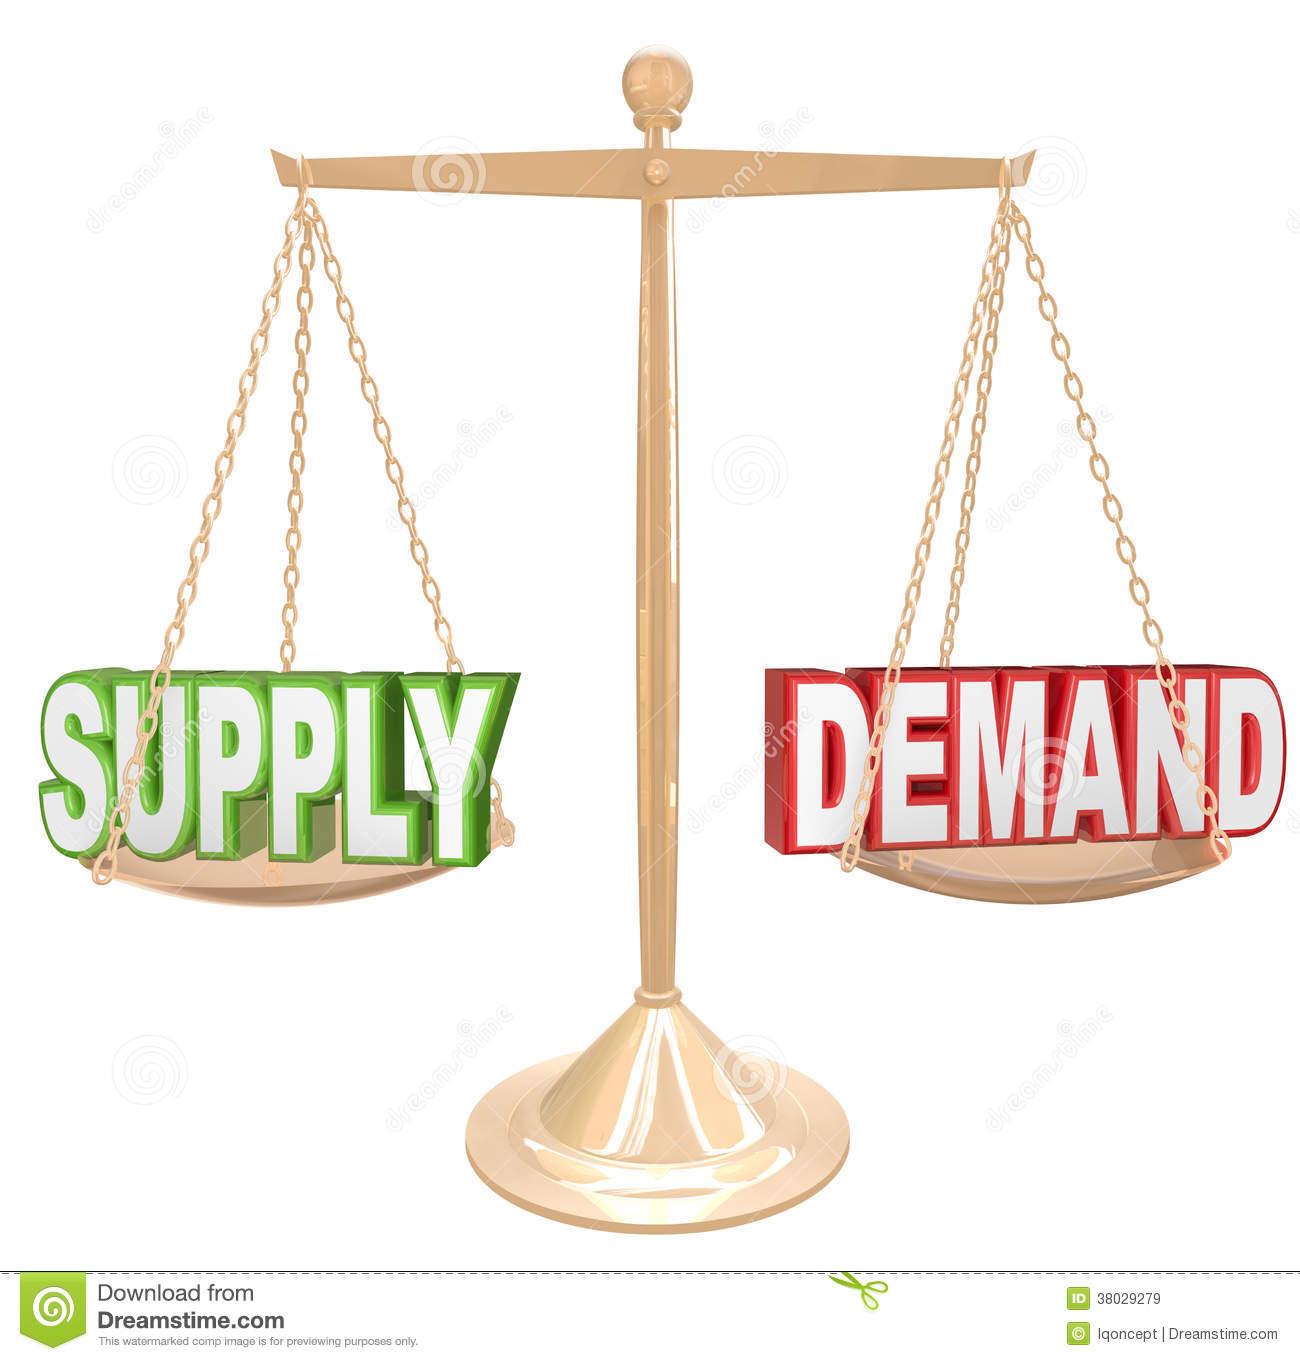 Clipartfest supply and demand. Angebot und nachfrage clipart